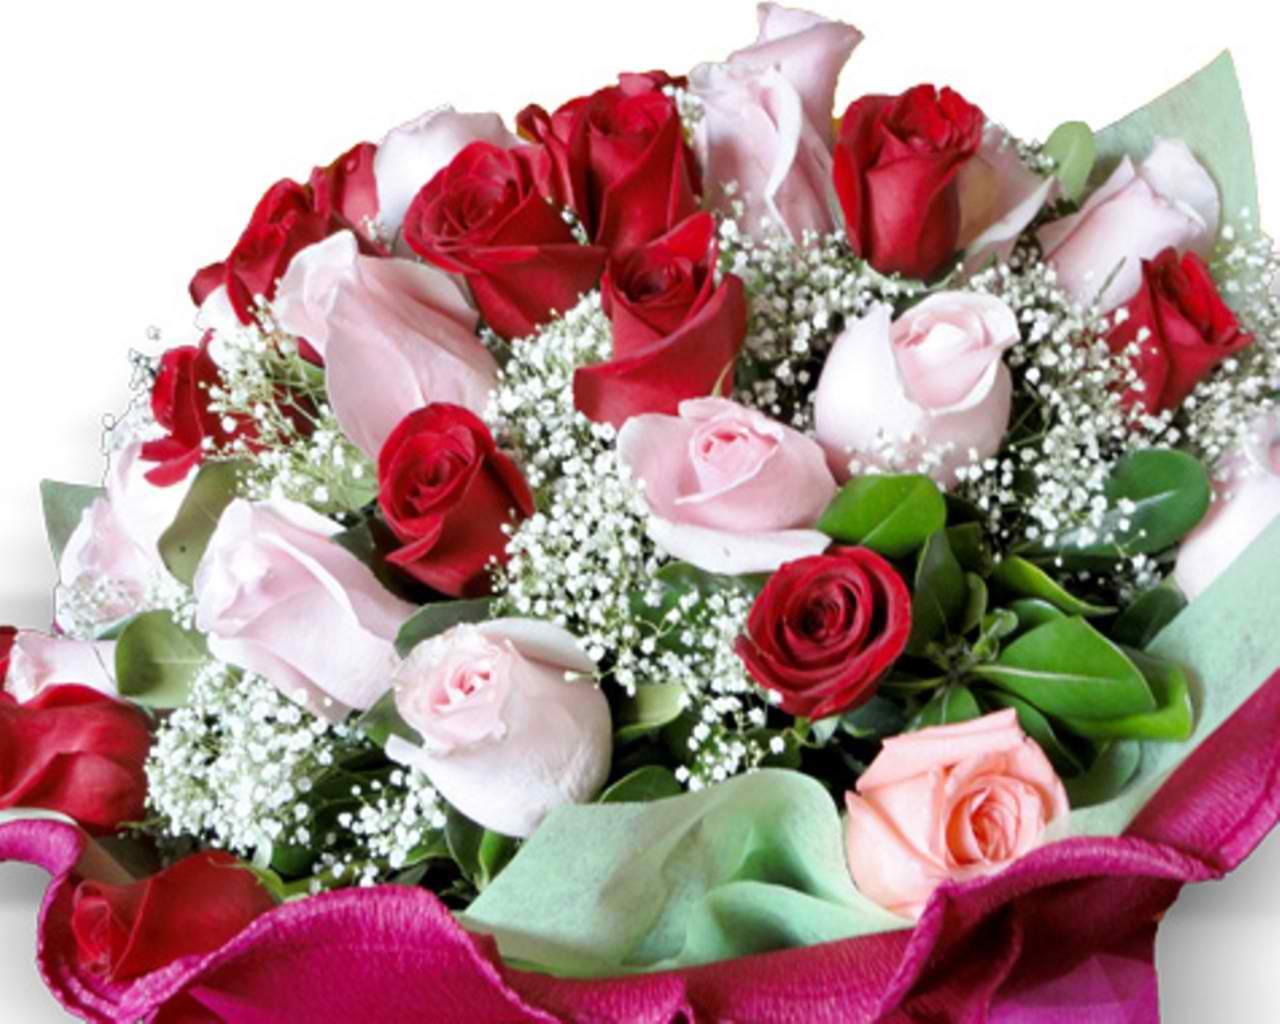 Roses daydreaming wallpaper 29912321 fanpop for Bouquet de fleurs 20 ans